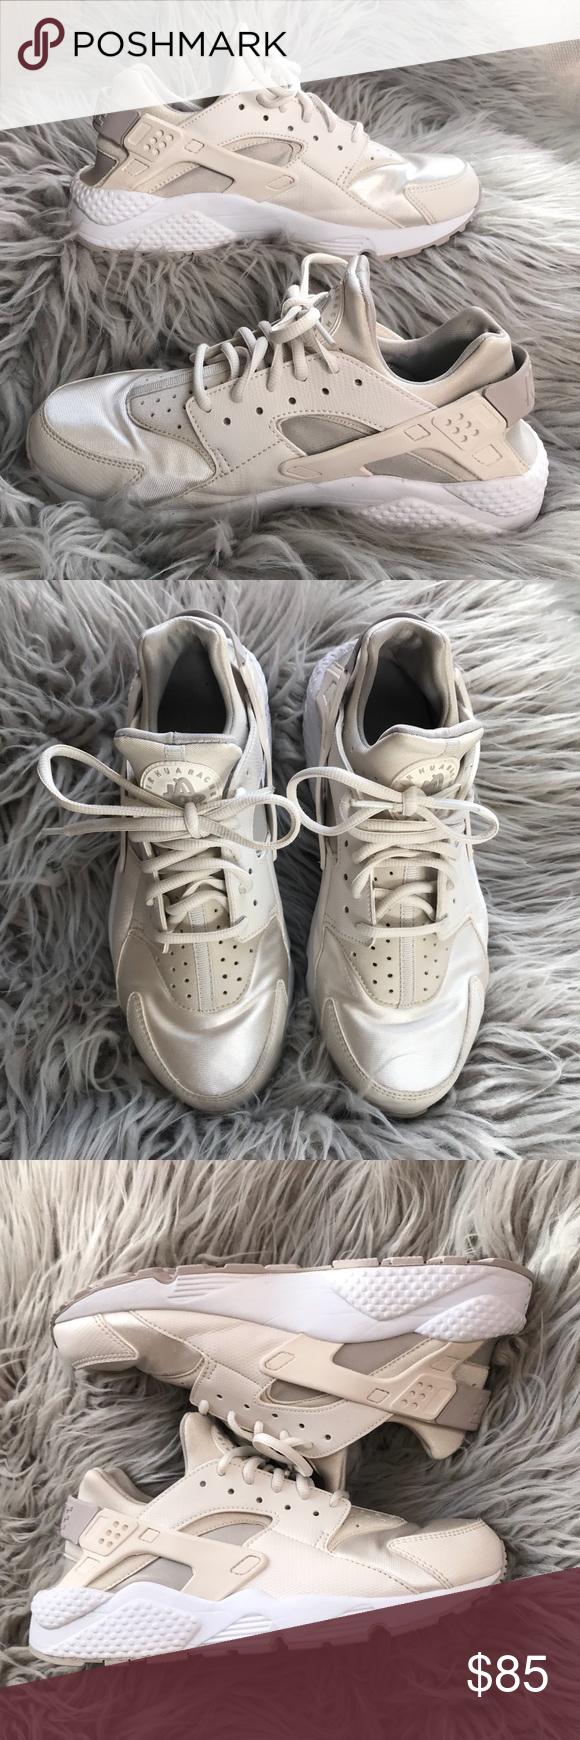 Nike Air Huarache Size 9.5 Phantom Bone